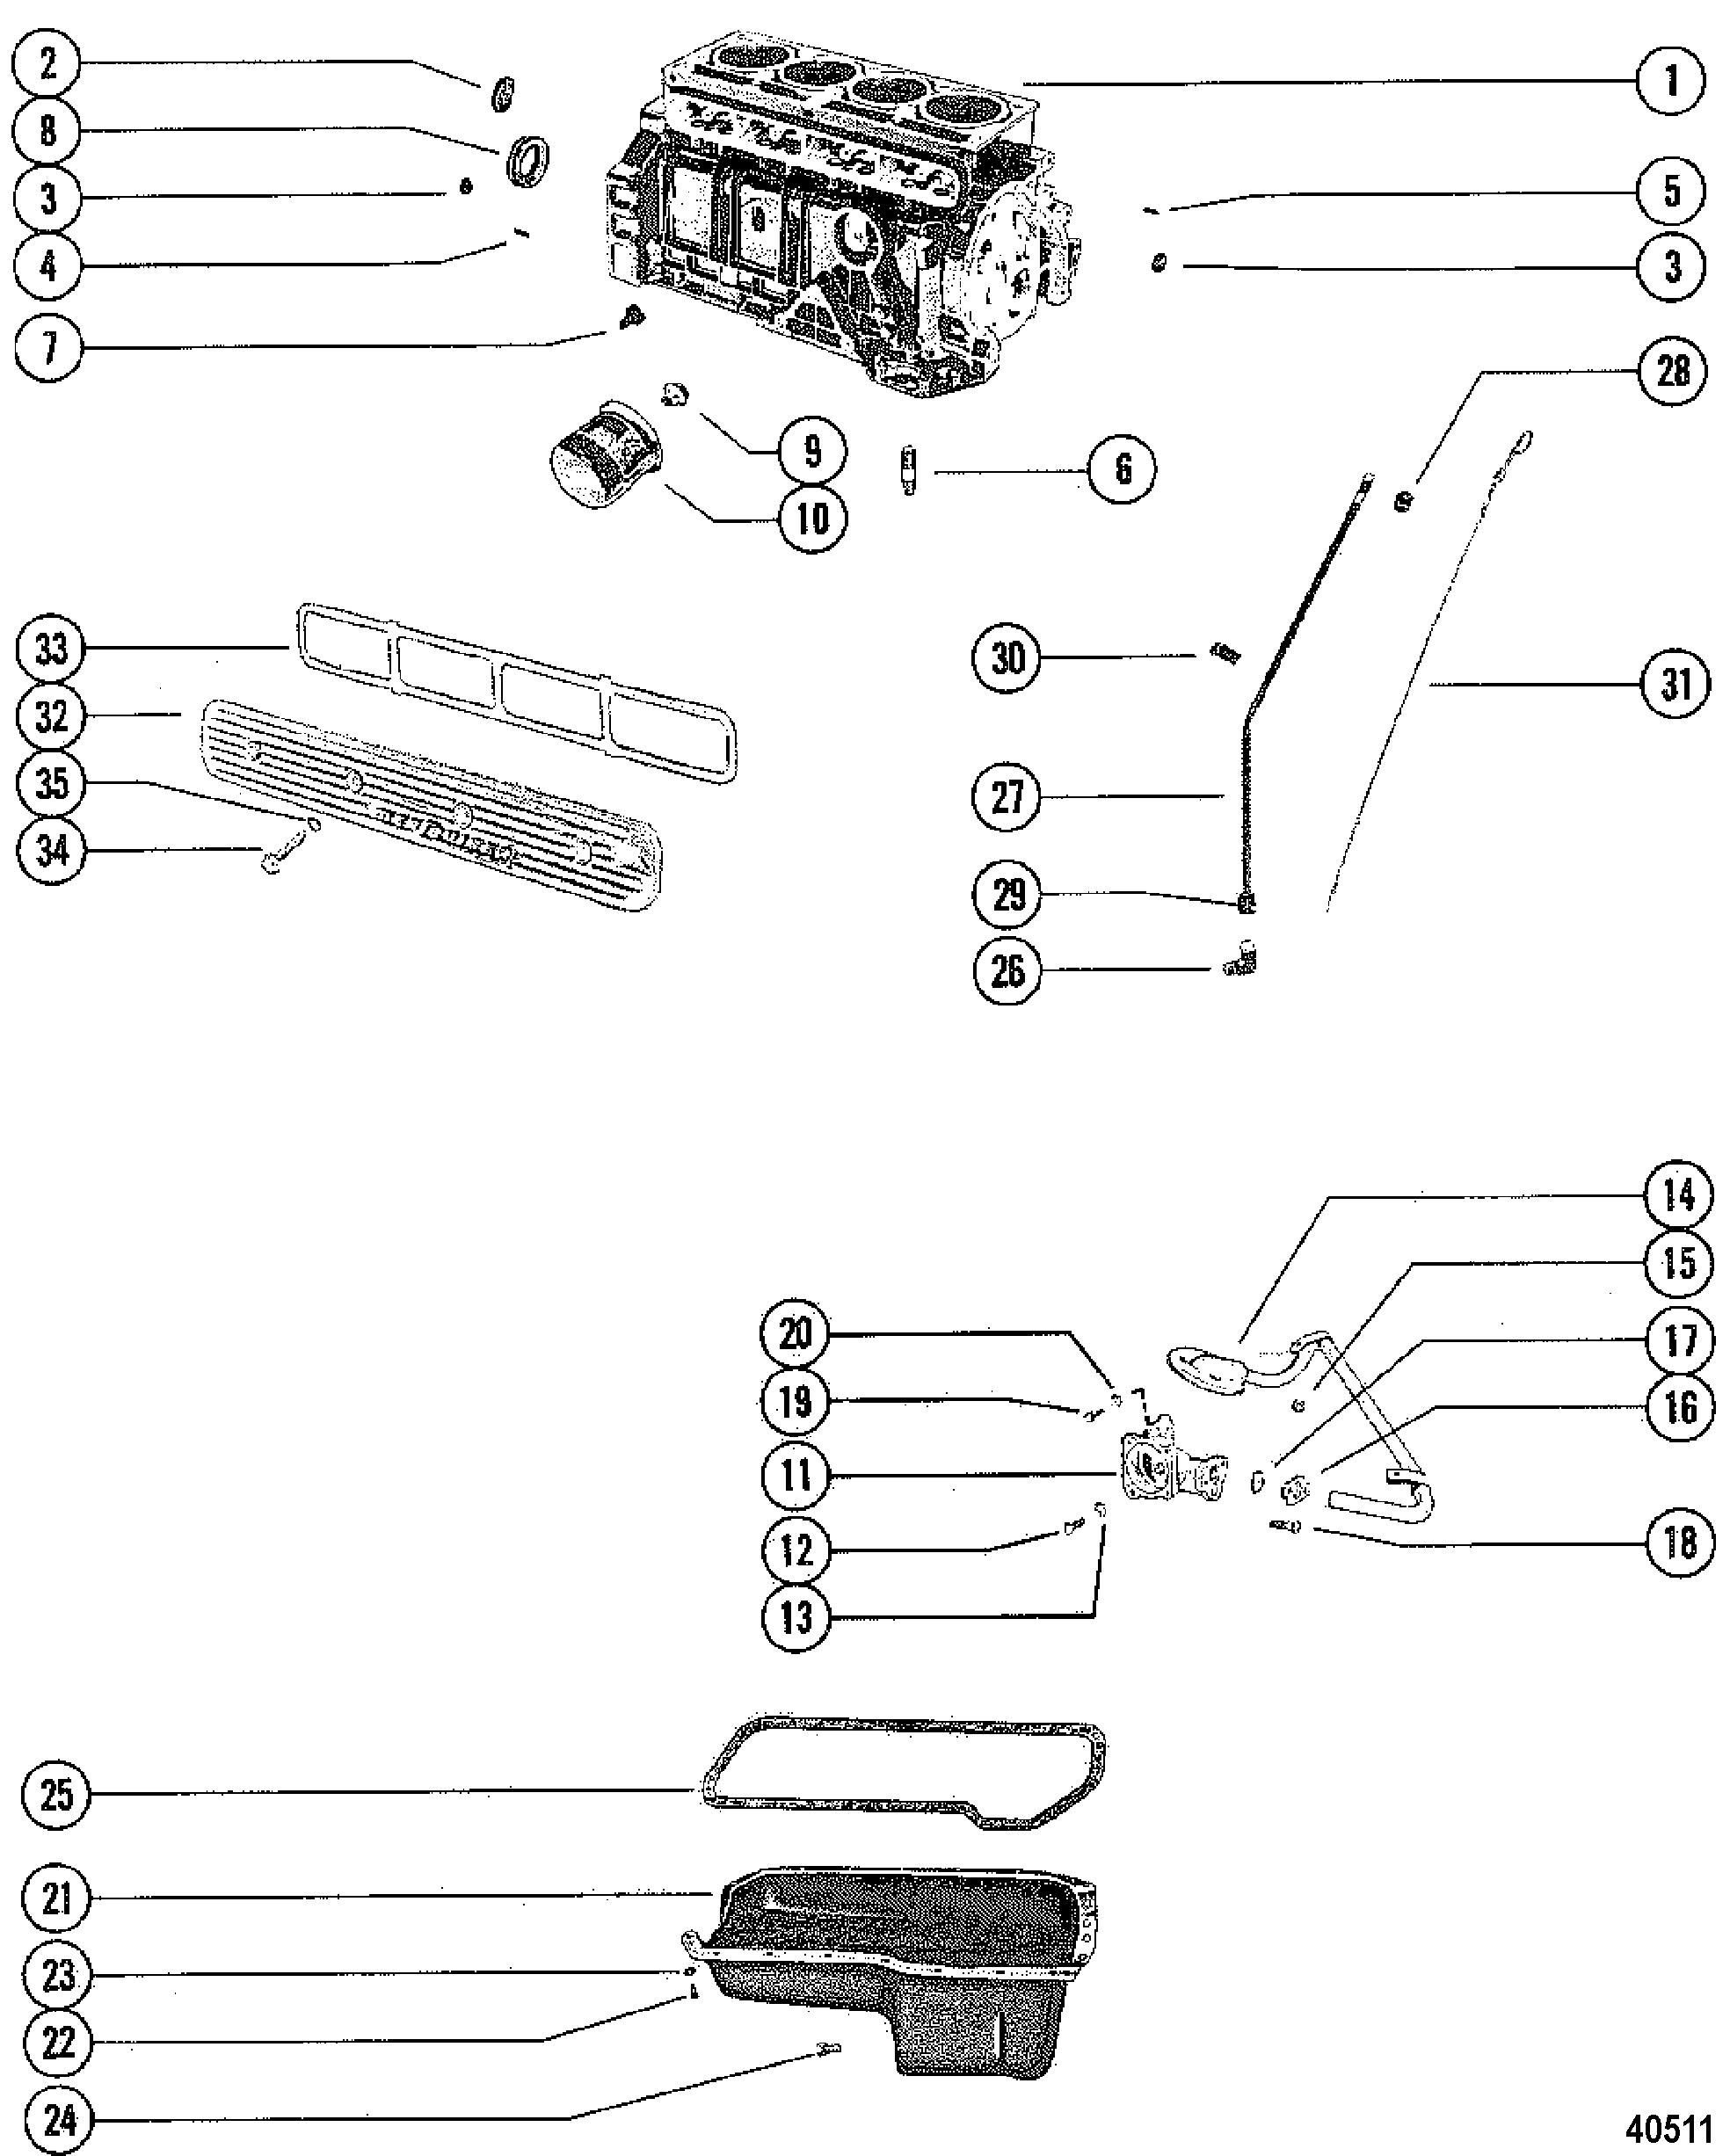 Mercruiser 470 2 Bbl